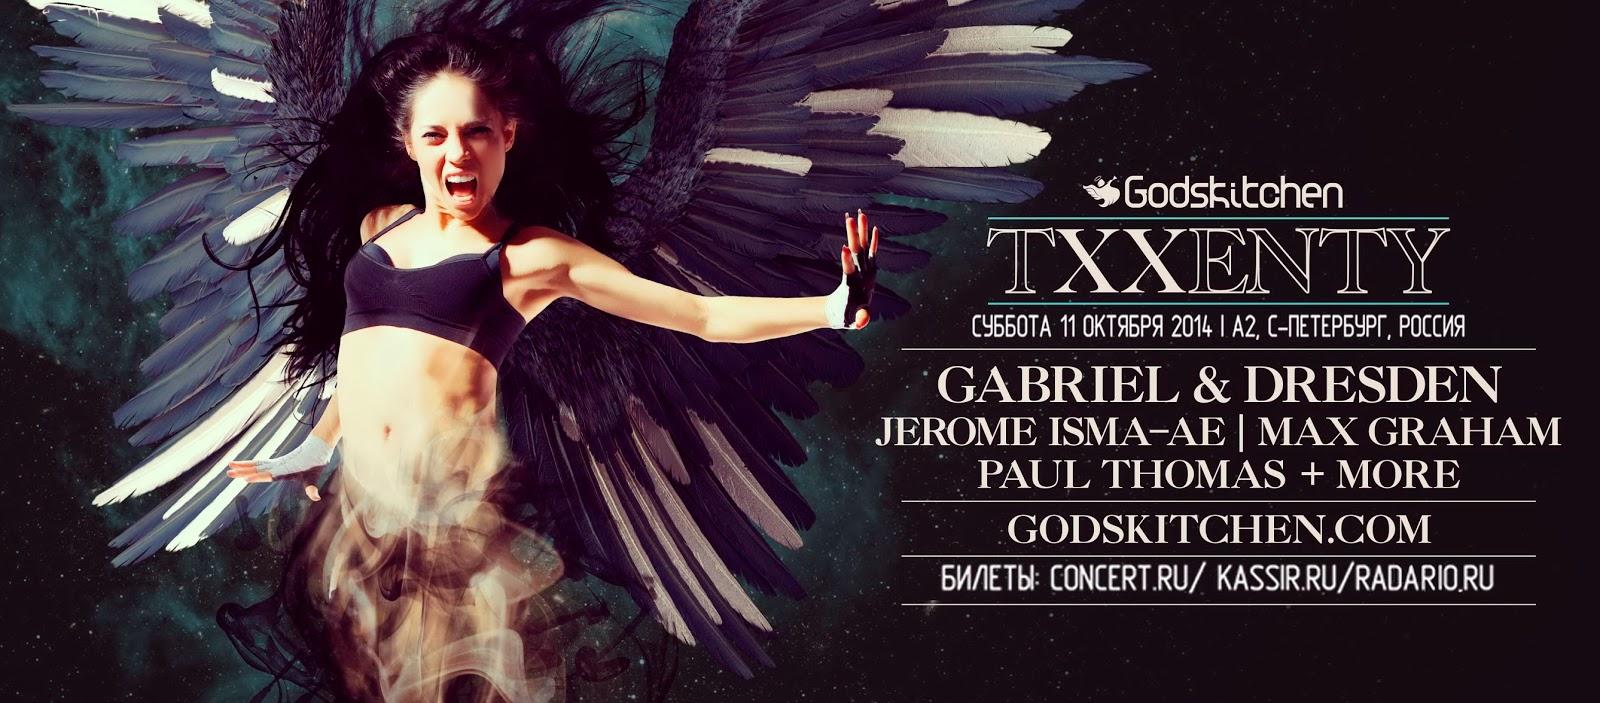 Godskitchen TXXENTY, Санкт-Петербург, 11.10.14 + Конкурс